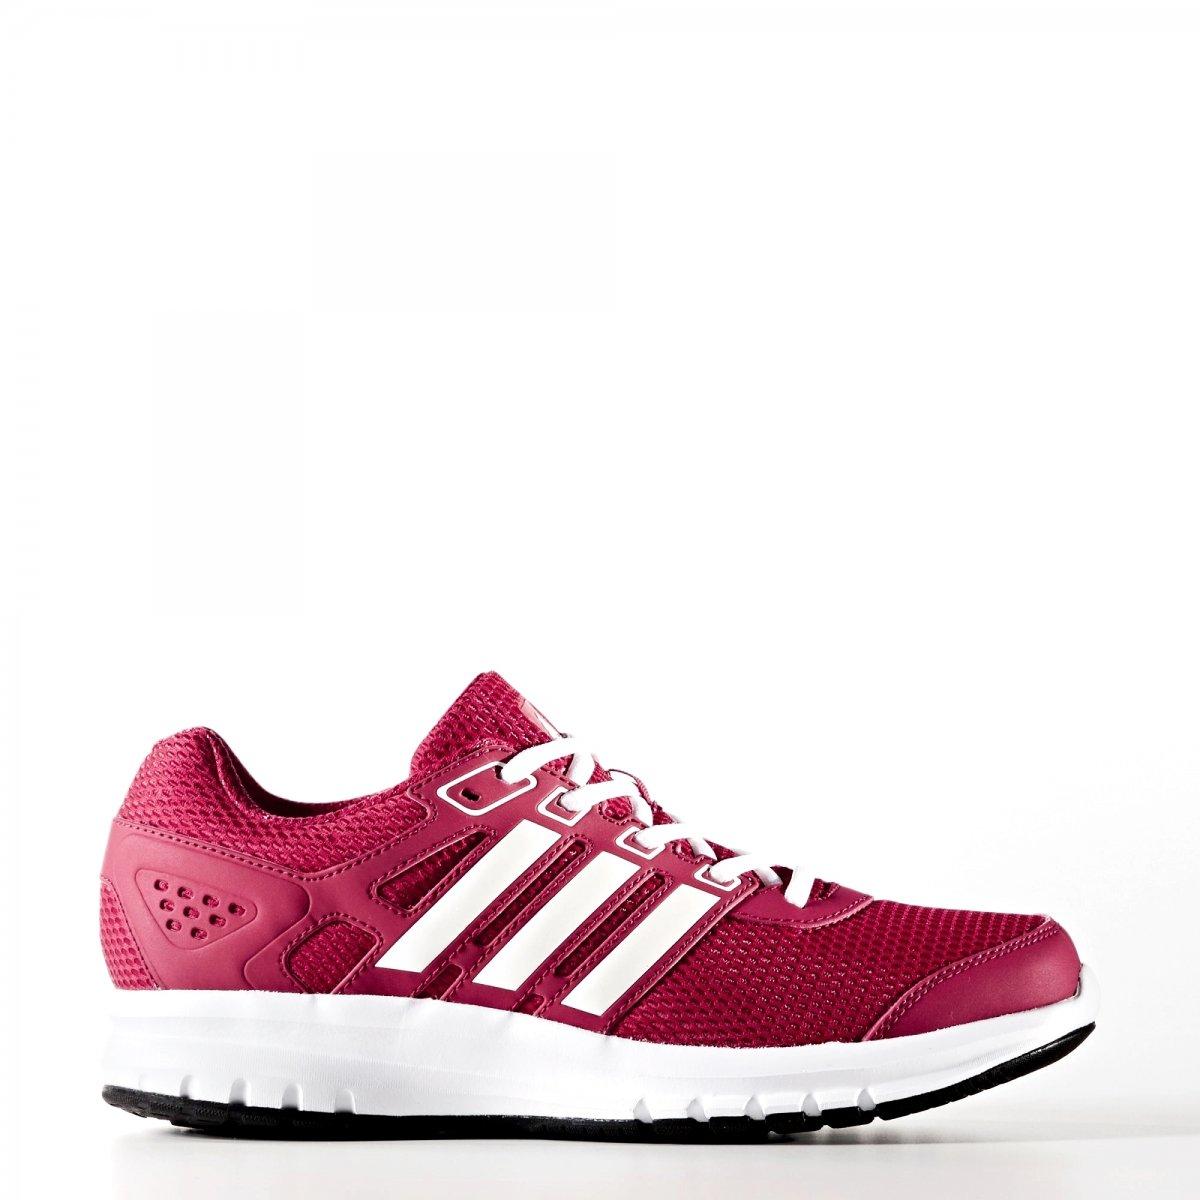 Tênis Feminino Adidas Duramo Lite W BA8113 - Pink Branco - Calçados ... 91bd0c944281e